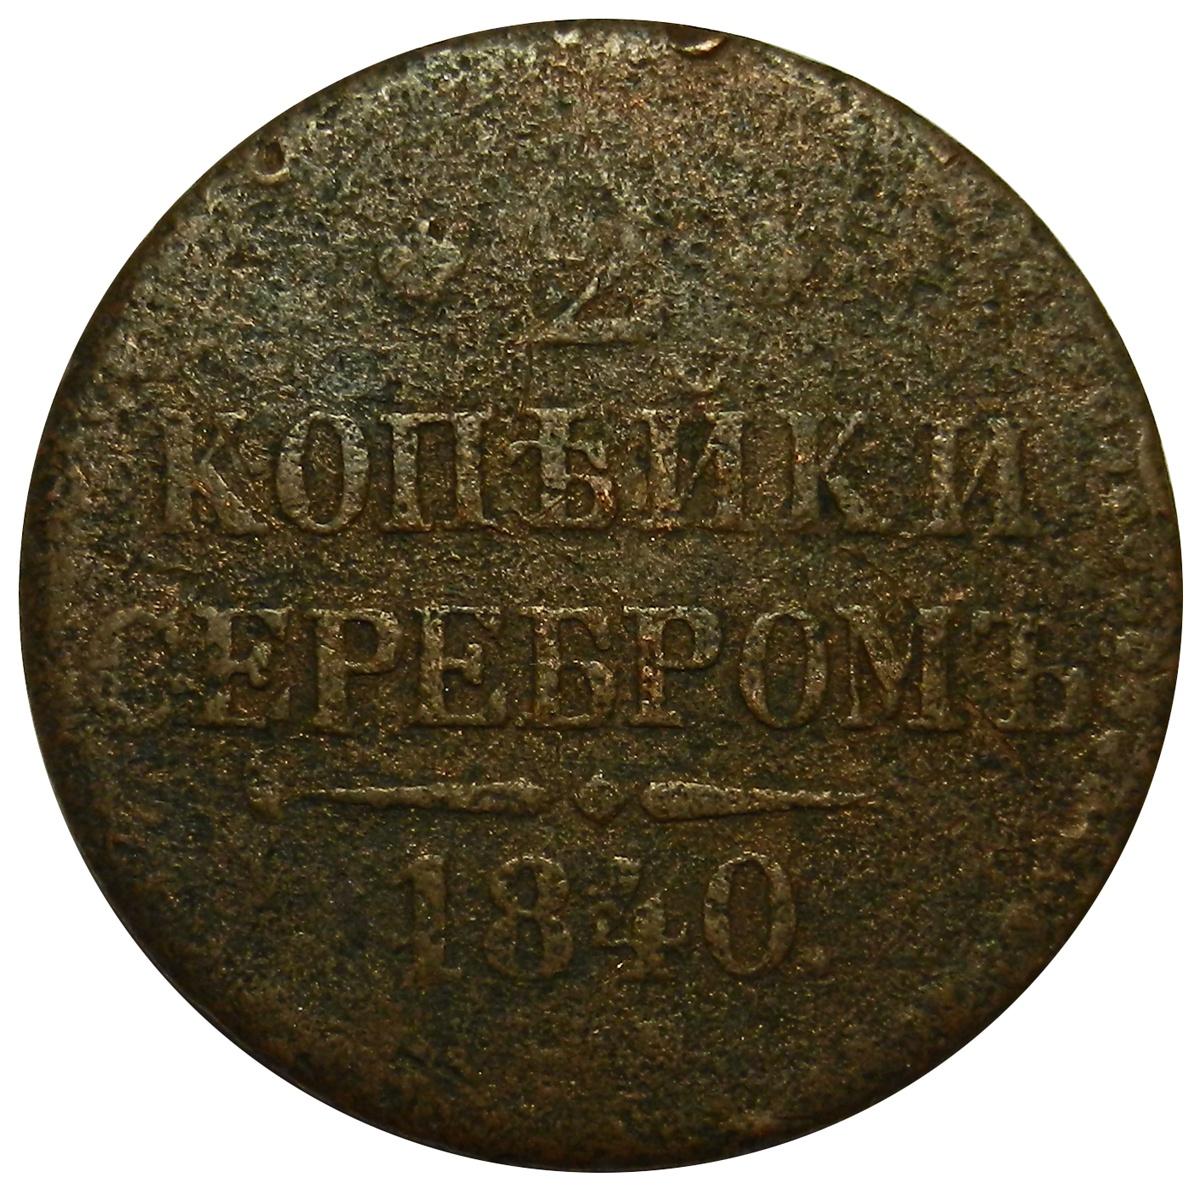 Монета 2 копейки серебром. Медь. Российская Империя, 1840 год (ЕМ) VF